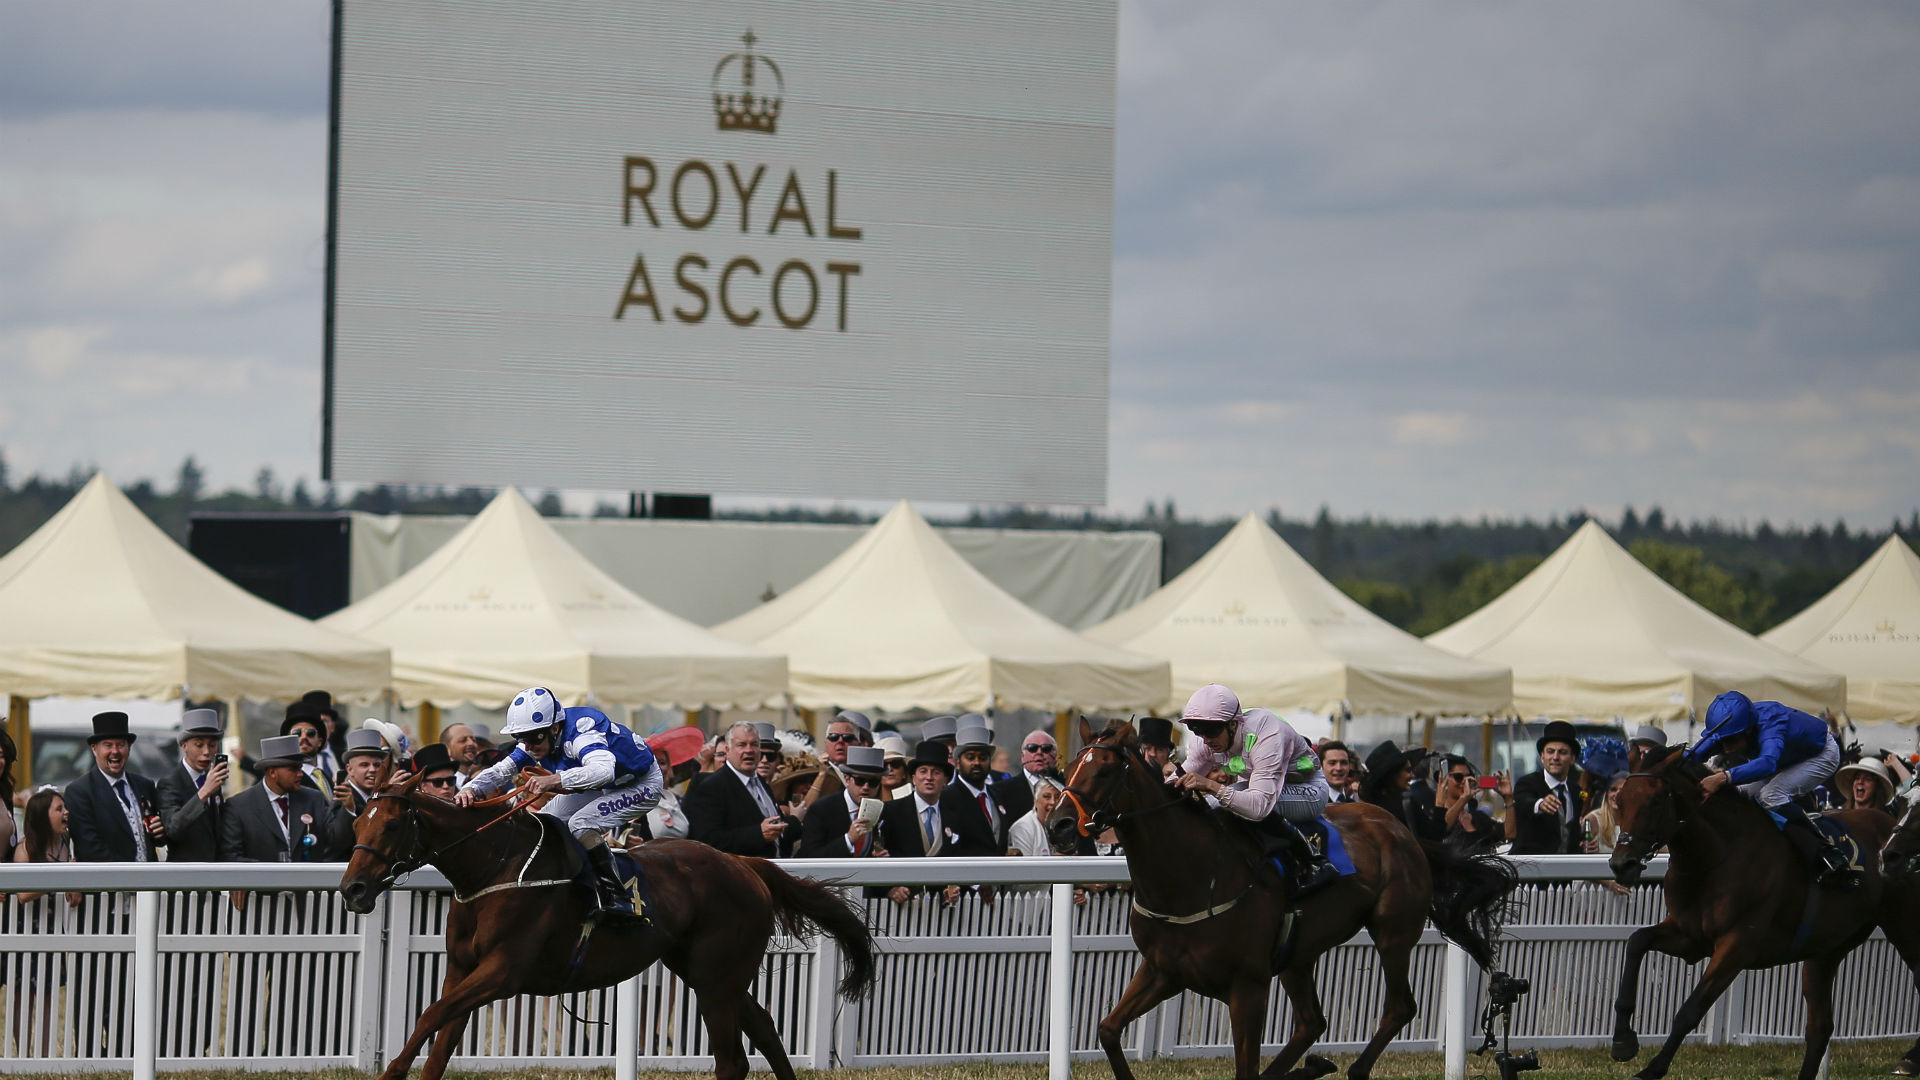 Reel on high at Royal Ascot